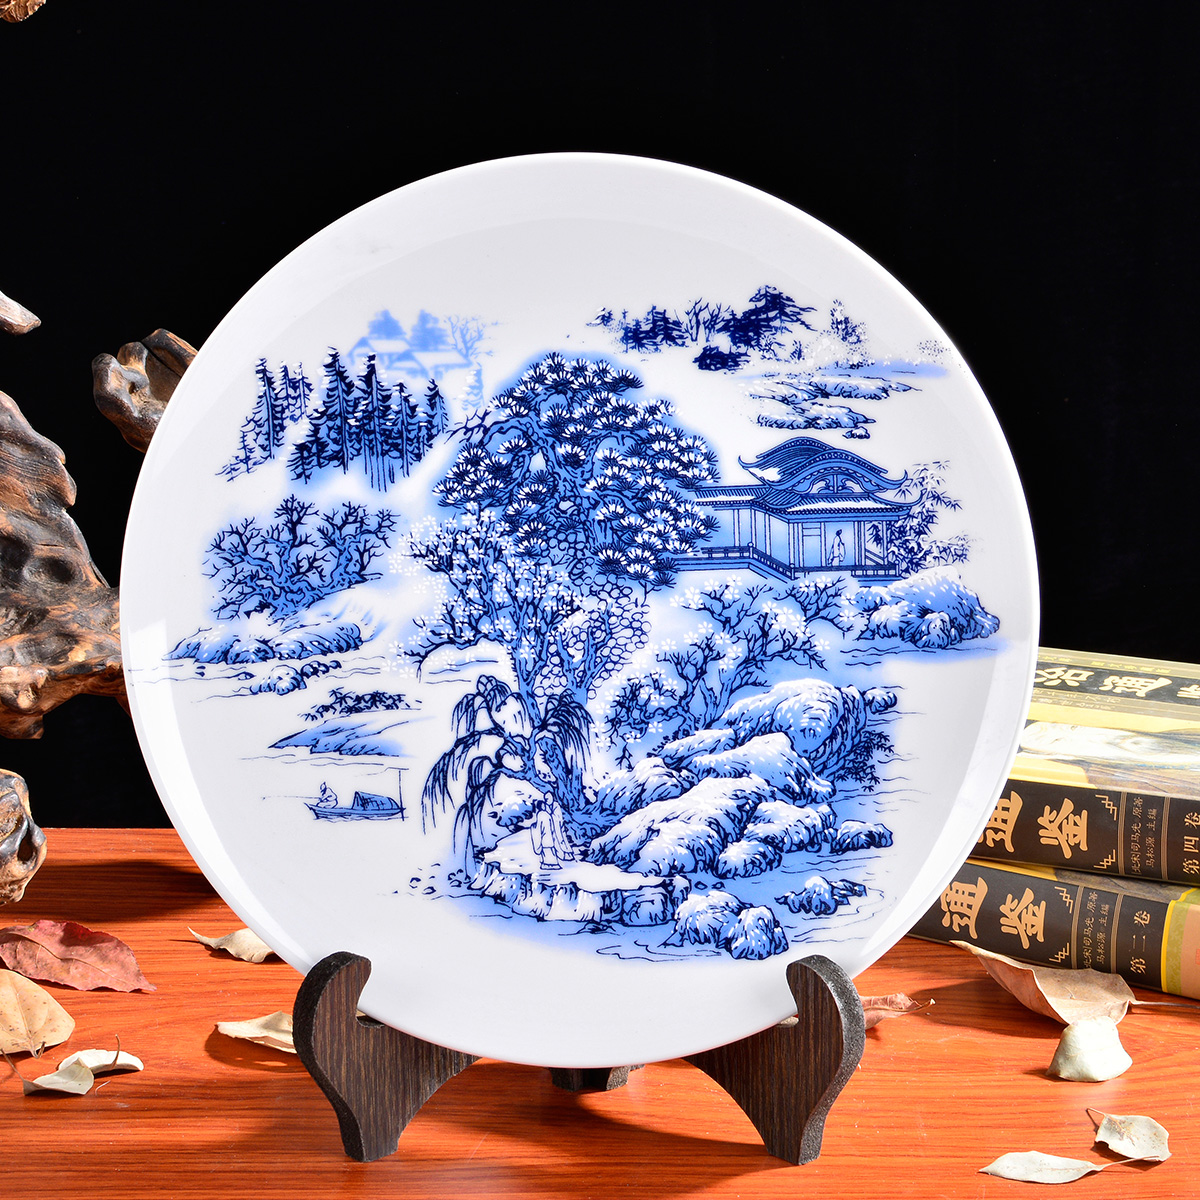 Вид мораль город фарфор устройство домой декоративный блюдо керамика блюдо синий и белый вешать блюдо домой аксессуары современный континентальный китайский стиль украшение